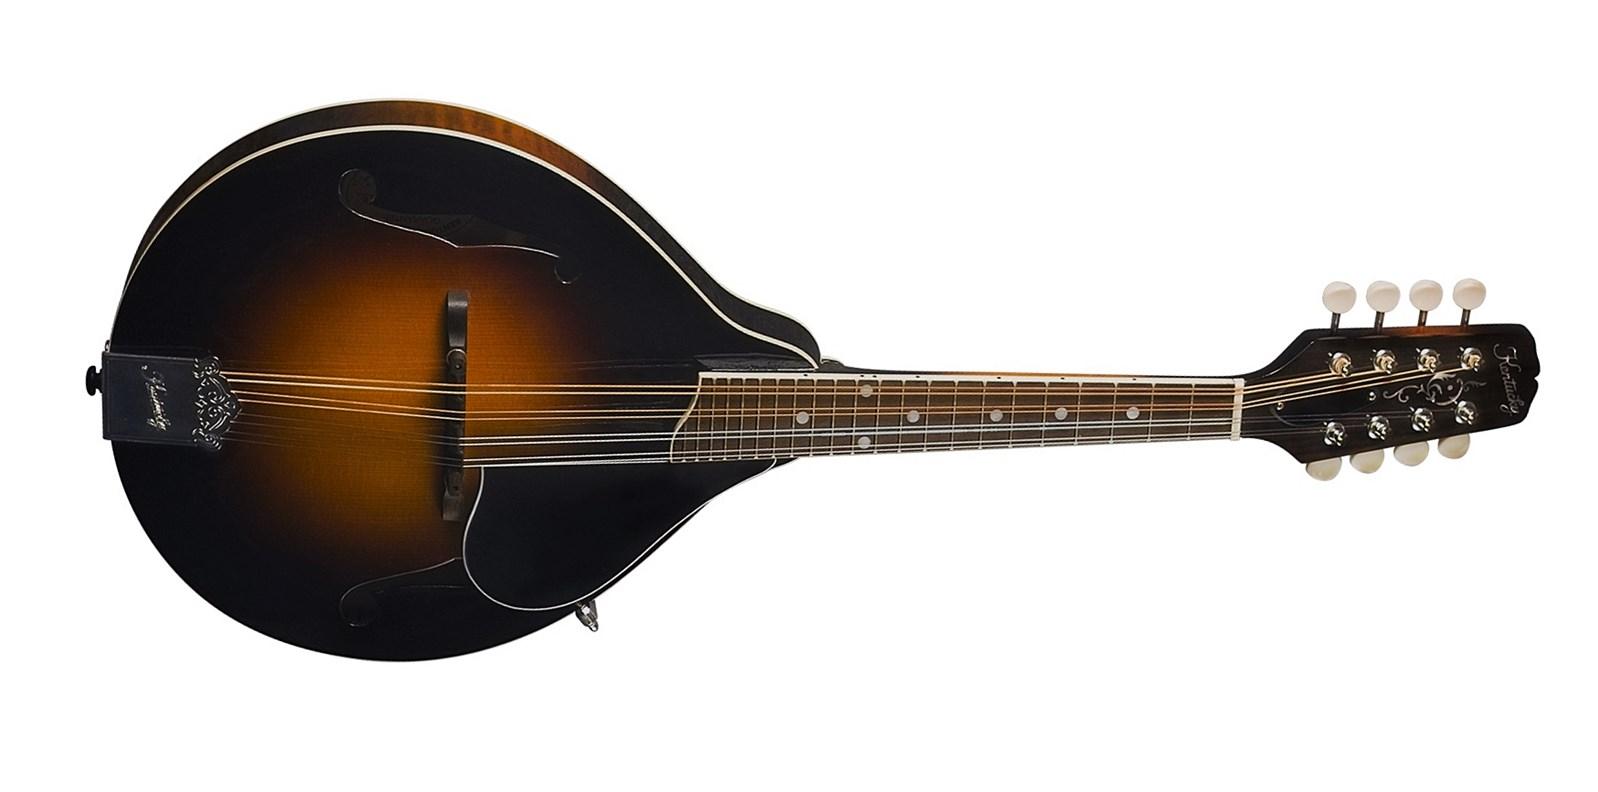 Kentucky KM-250